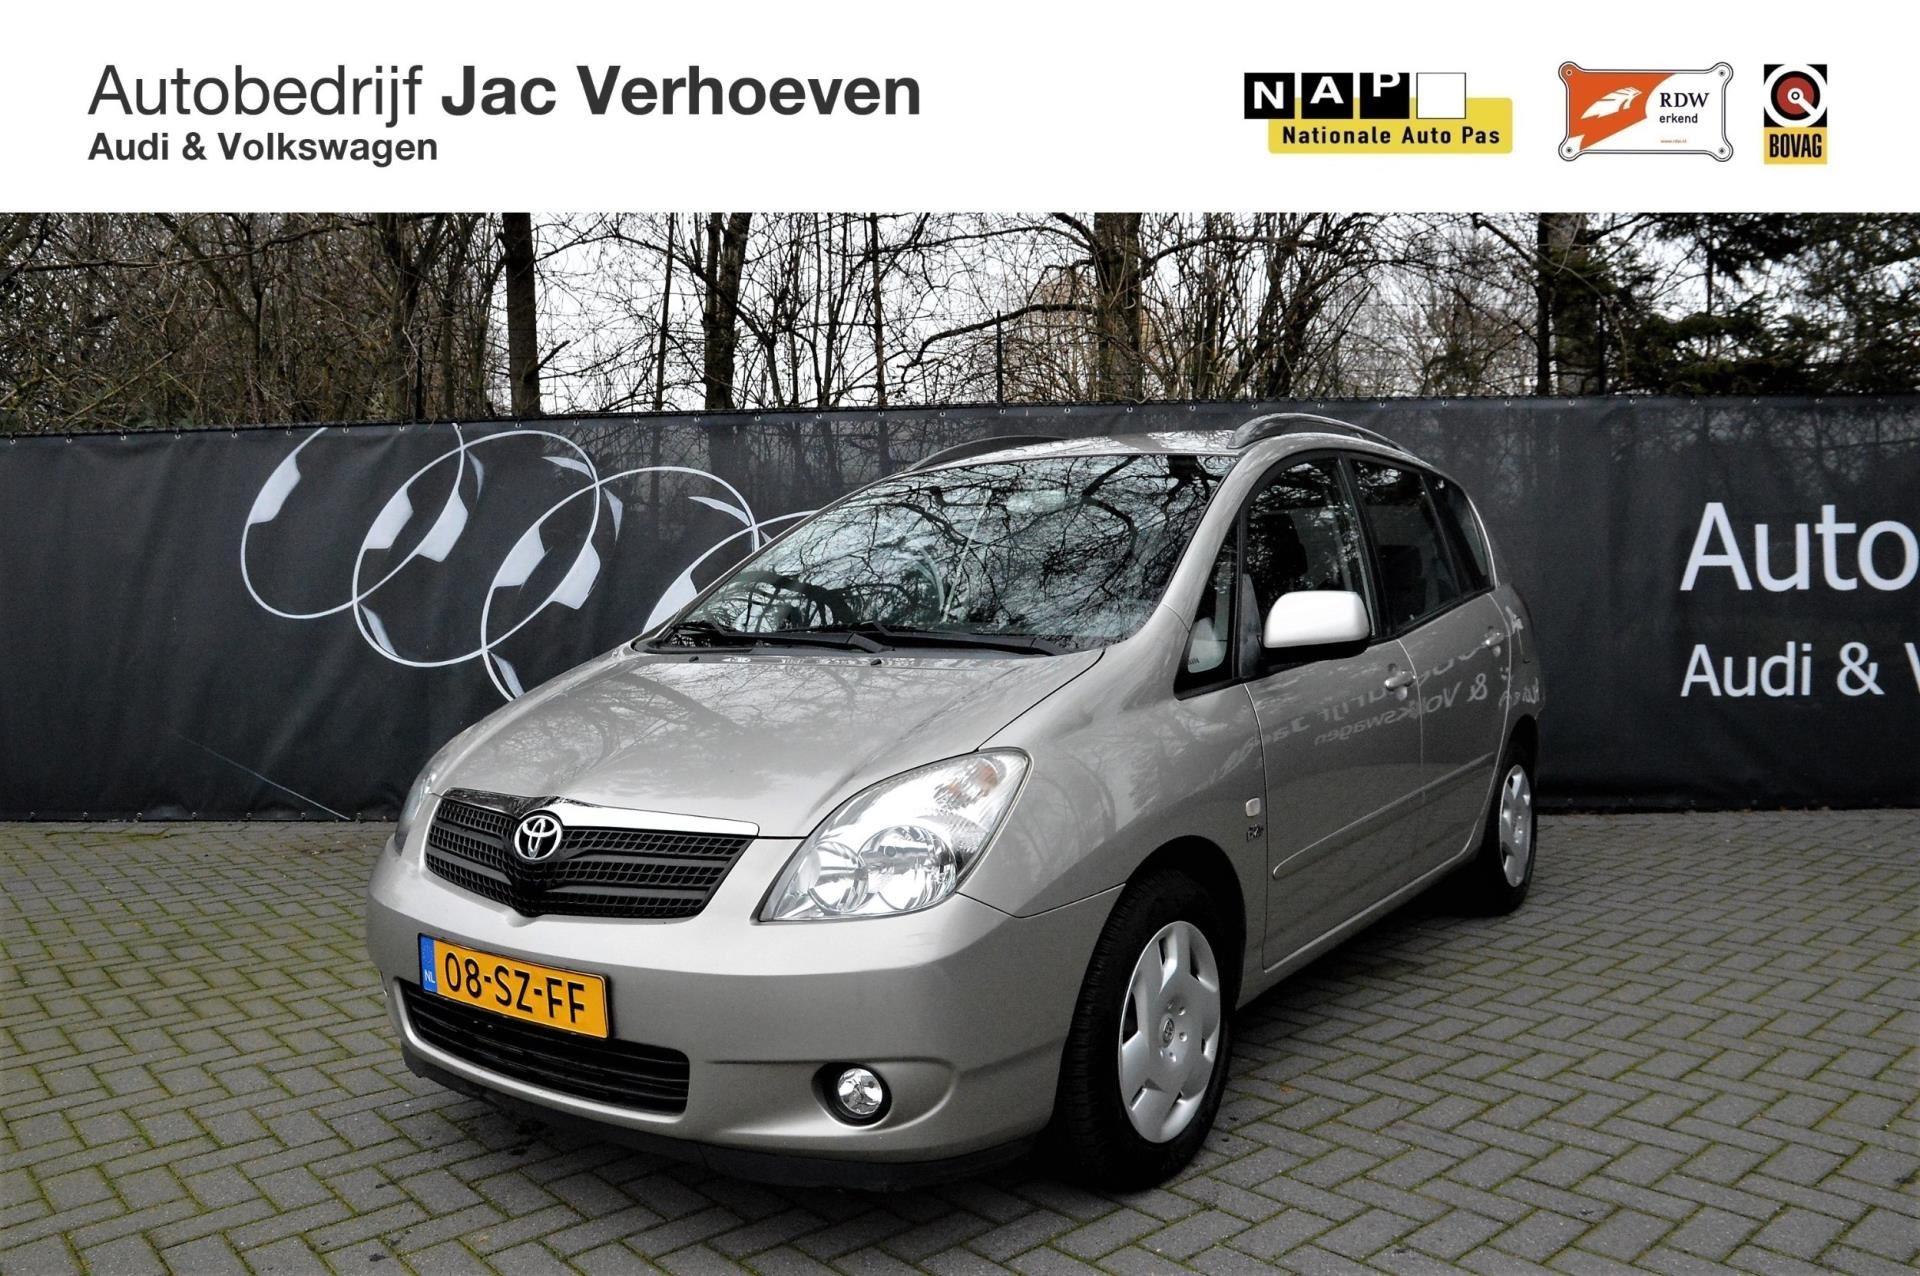 Toyota Corolla Verso occasion - Autobedrijf Jac Verhoeven